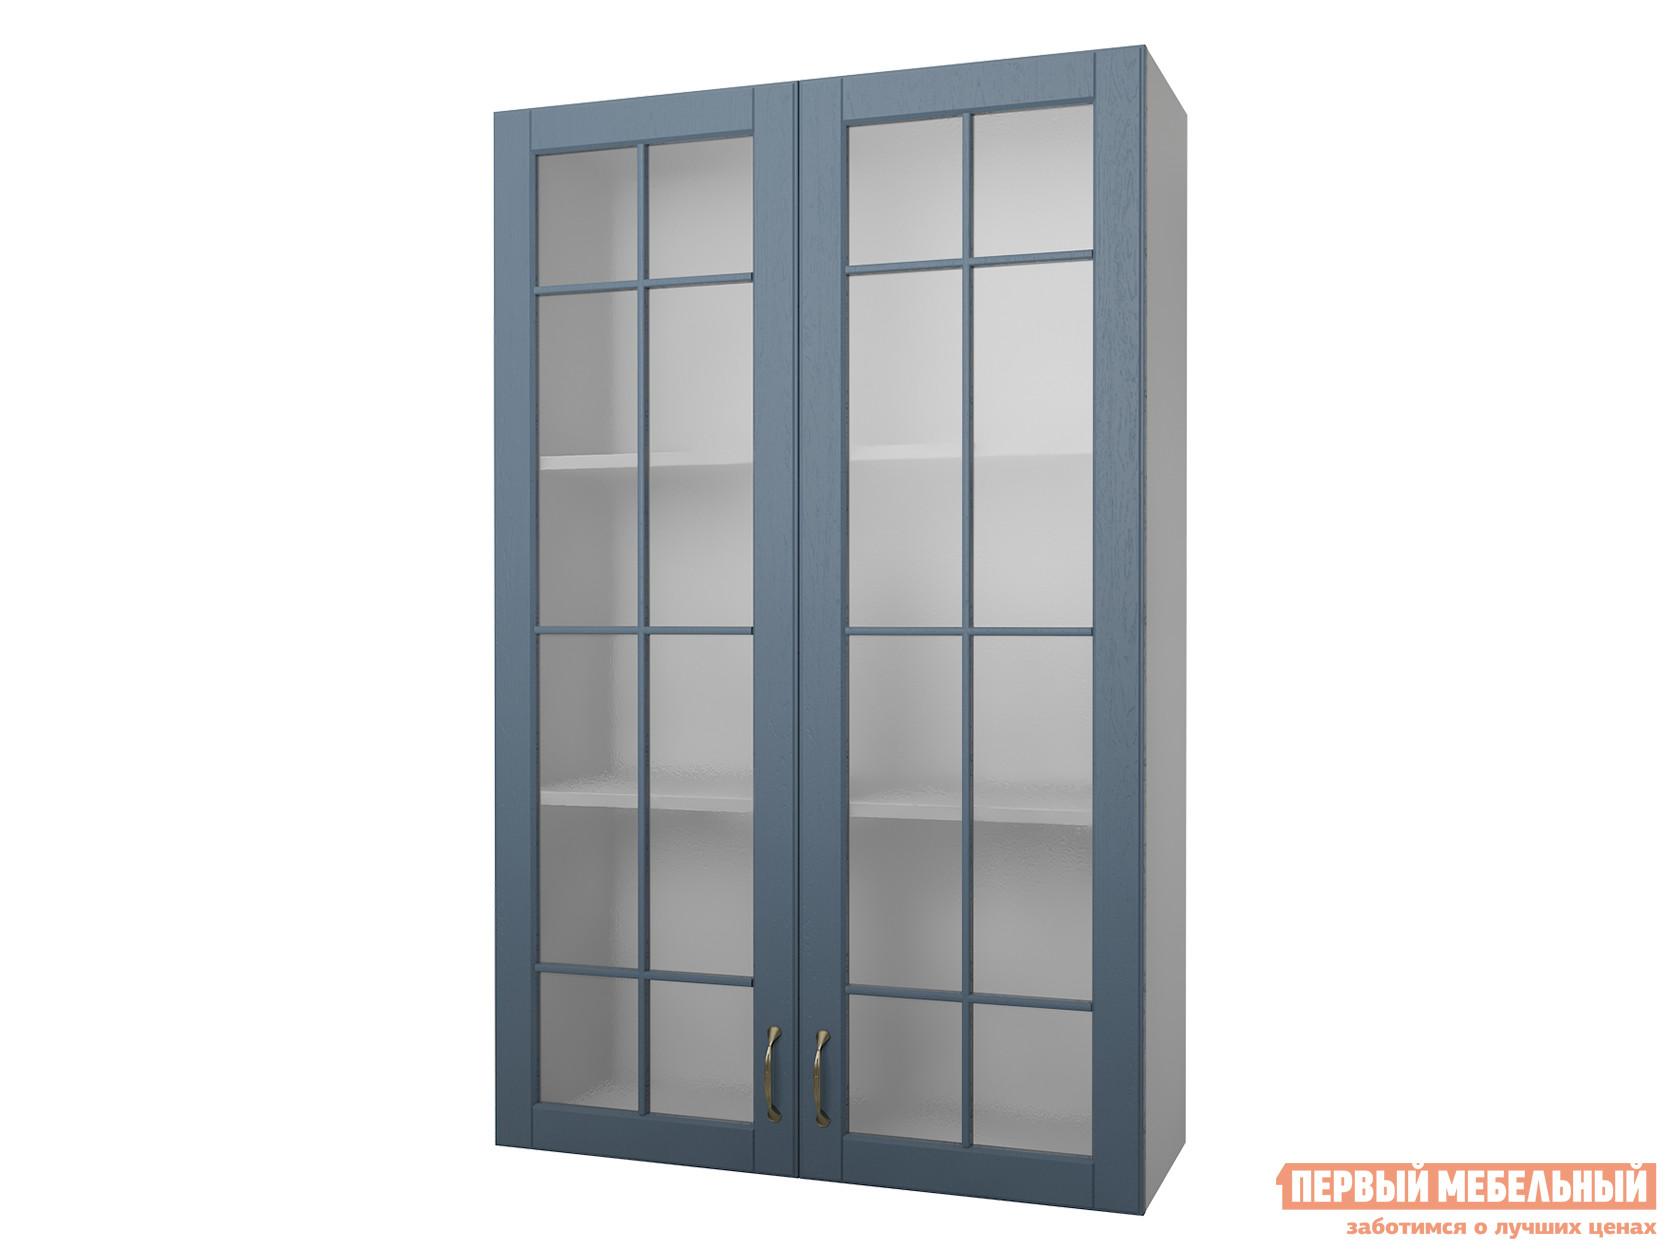 Кухонный модуль Первый Мебельный Полупенал навесной Н=130 см 2 двери со стеклом 80 см Палермо вытяжка со стеклом best plana white 80